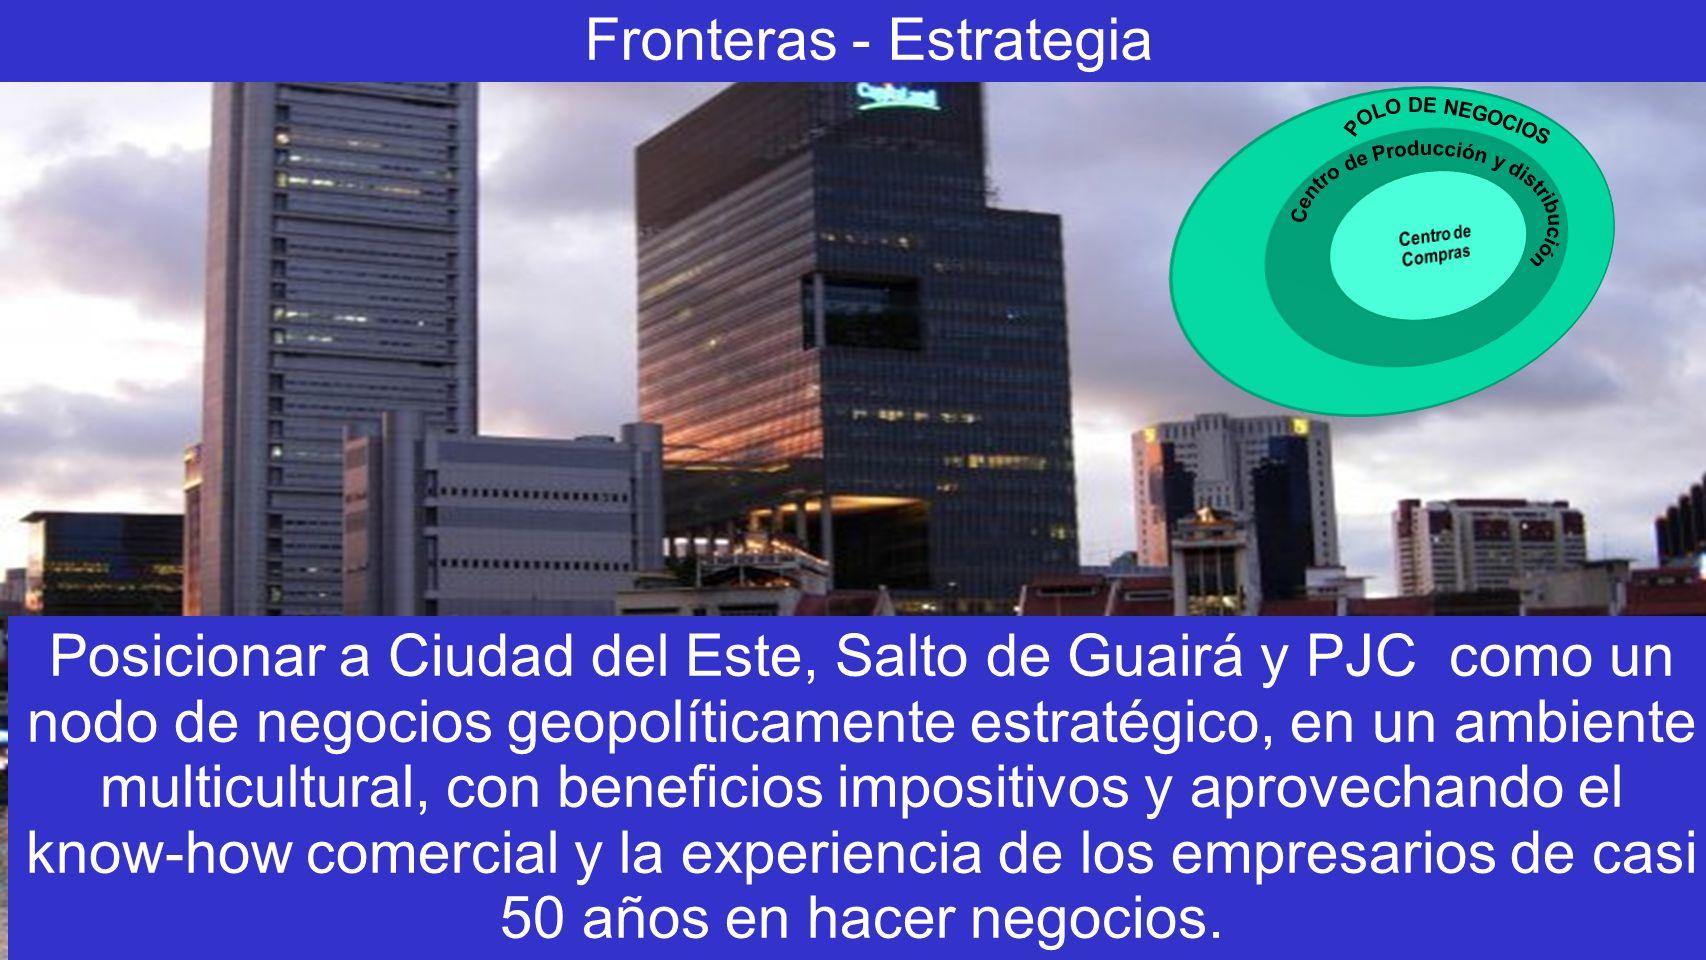 Fronteras - Estrategia Posicionar a Ciudad del Este, Salto de Guairá y PJC como un nodo de negocios geopolíticamente estratégico, en un ambiente multi